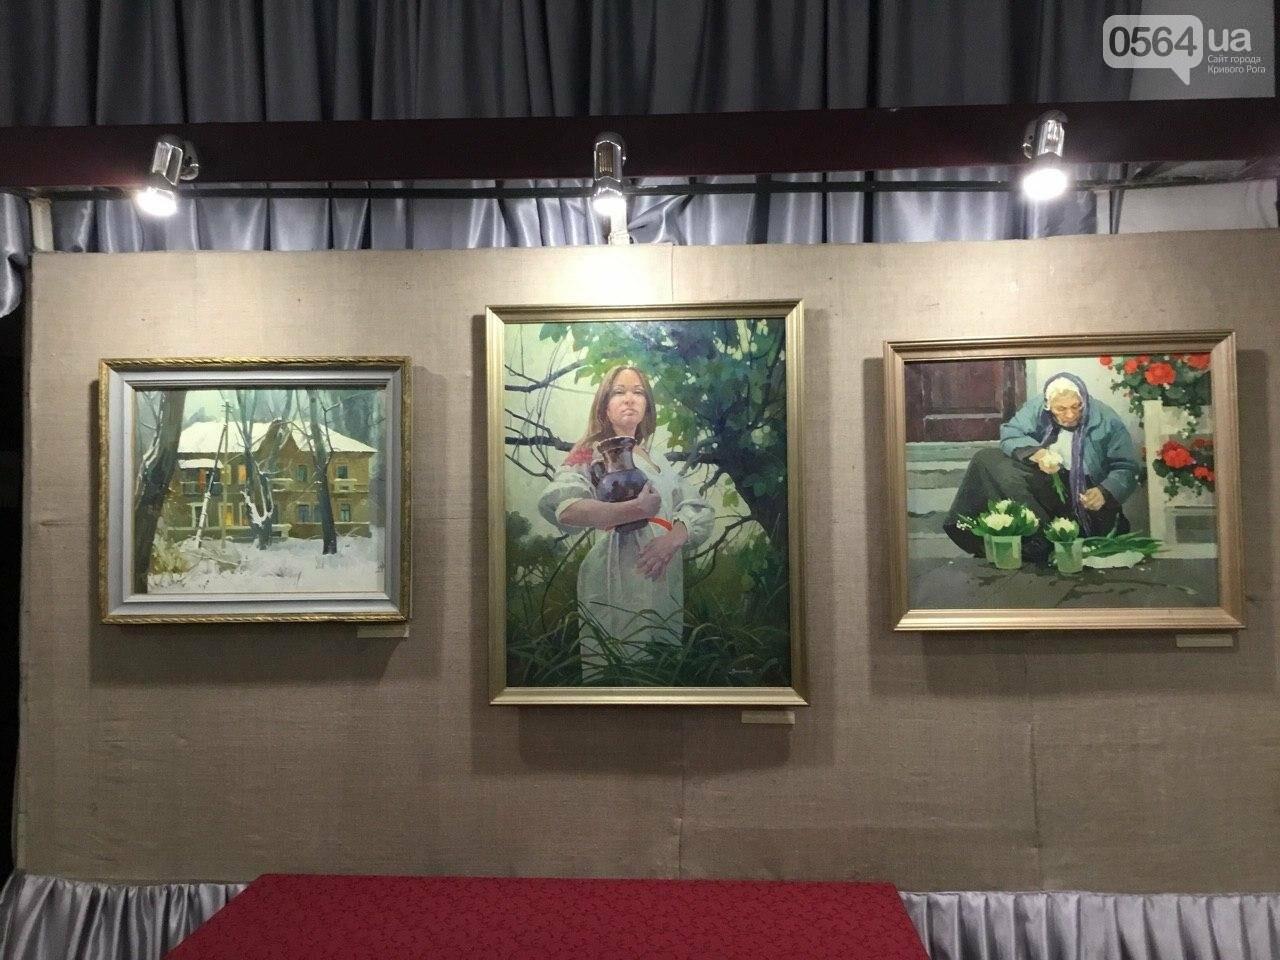 """В криворожском музее открылась художественная выставка """"Траектория творчества"""", - ФОТО, ВИДЕО, фото-11"""